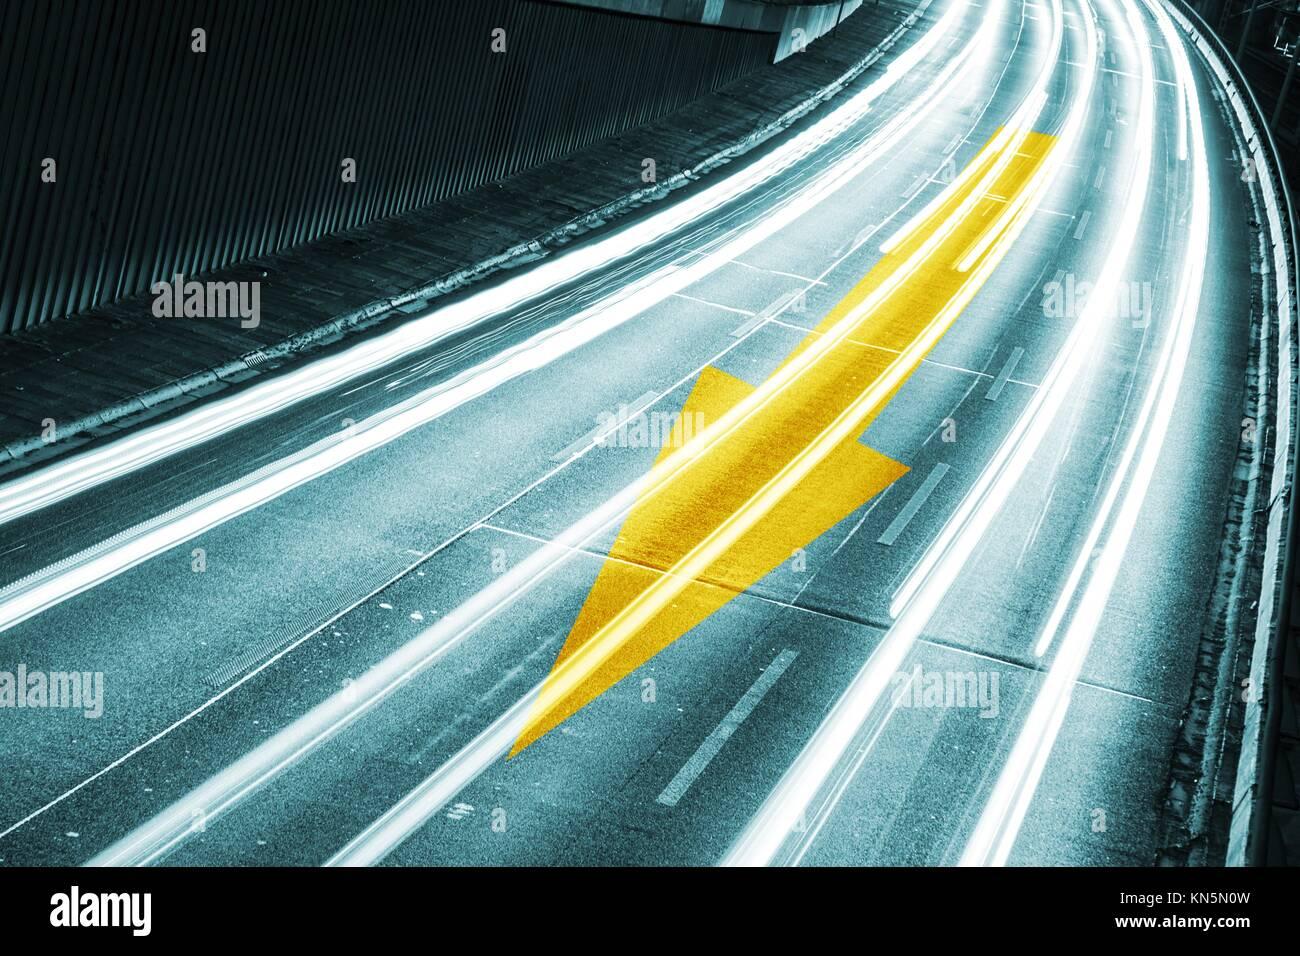 Der Pfeil auf der Autobahn bei Nacht. Stockbild